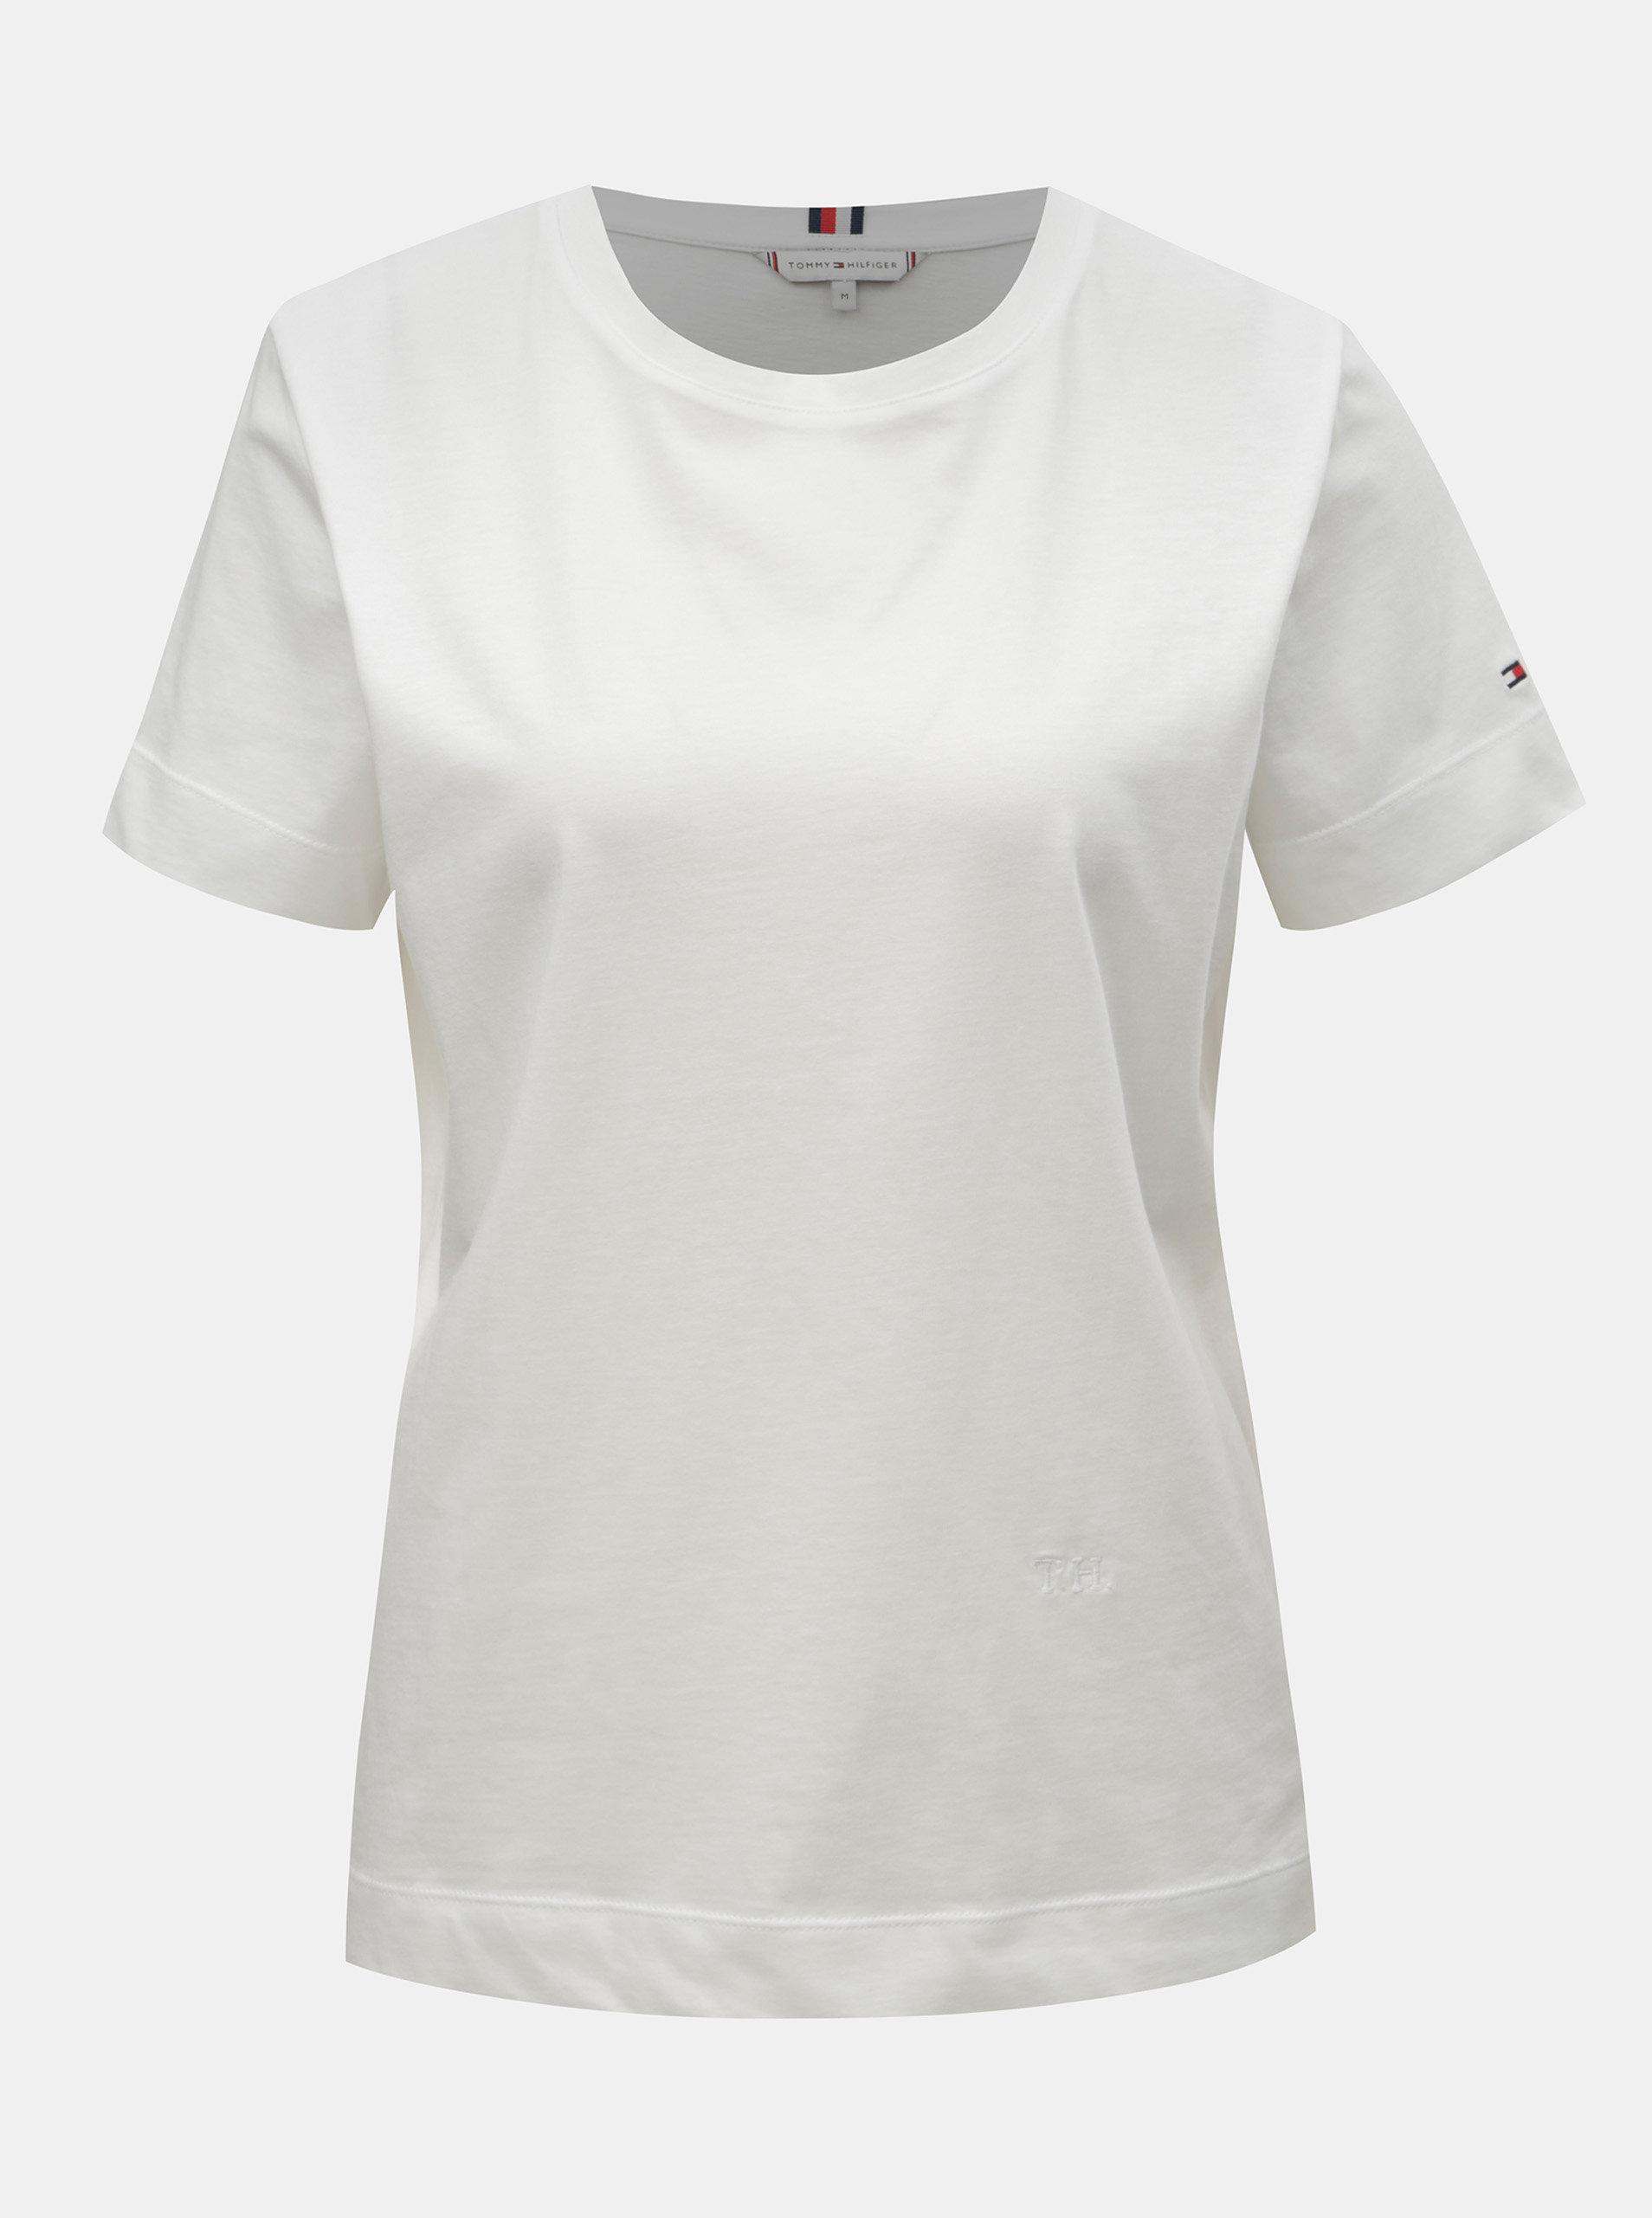 ff59f5da9d Bílé dámské basic tričko Tommy Hilfiger ...